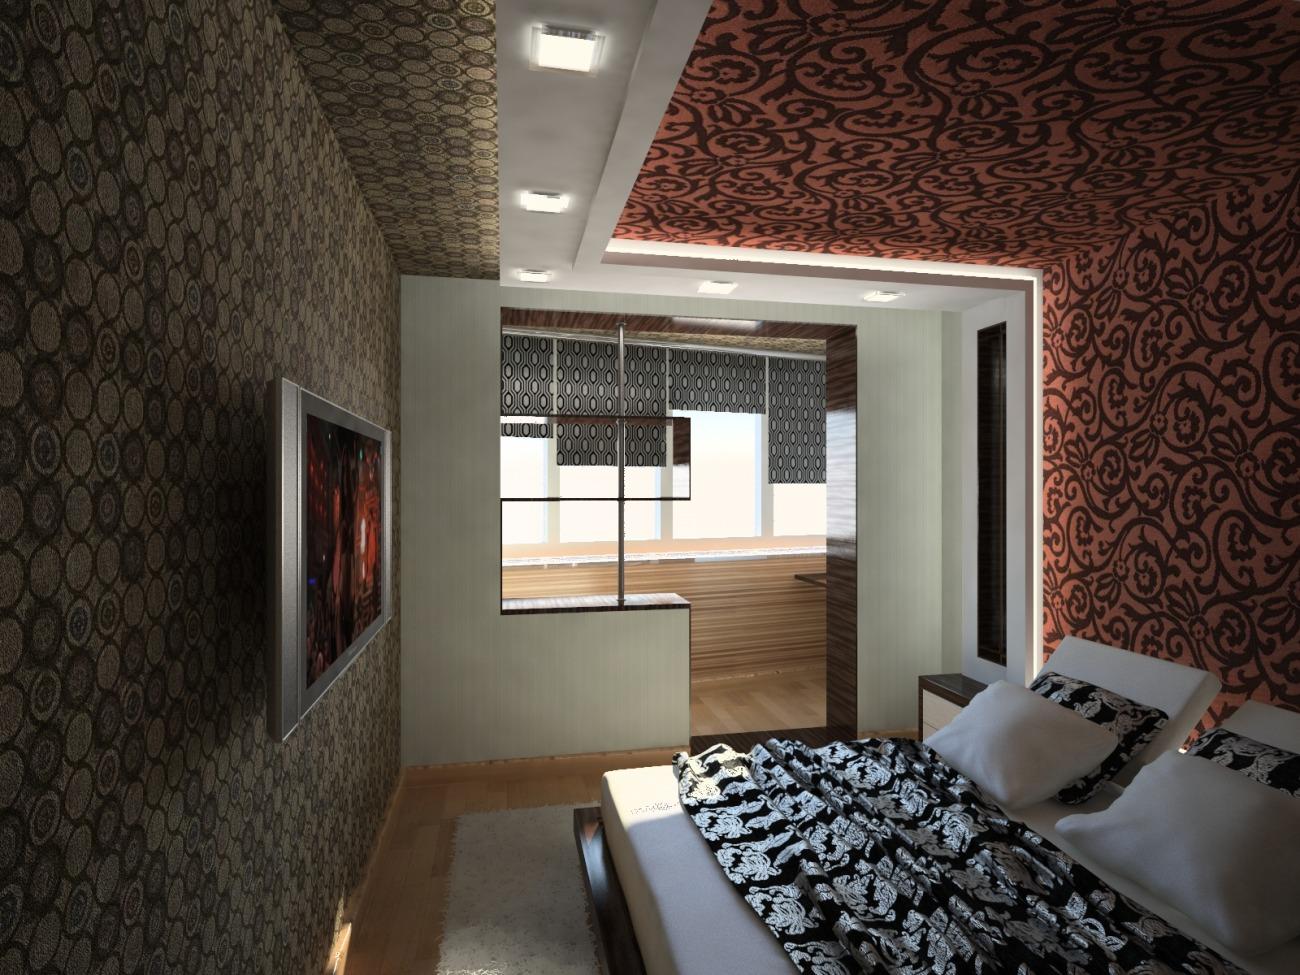 дизайн 3-х комнатной квартиры чешки фото